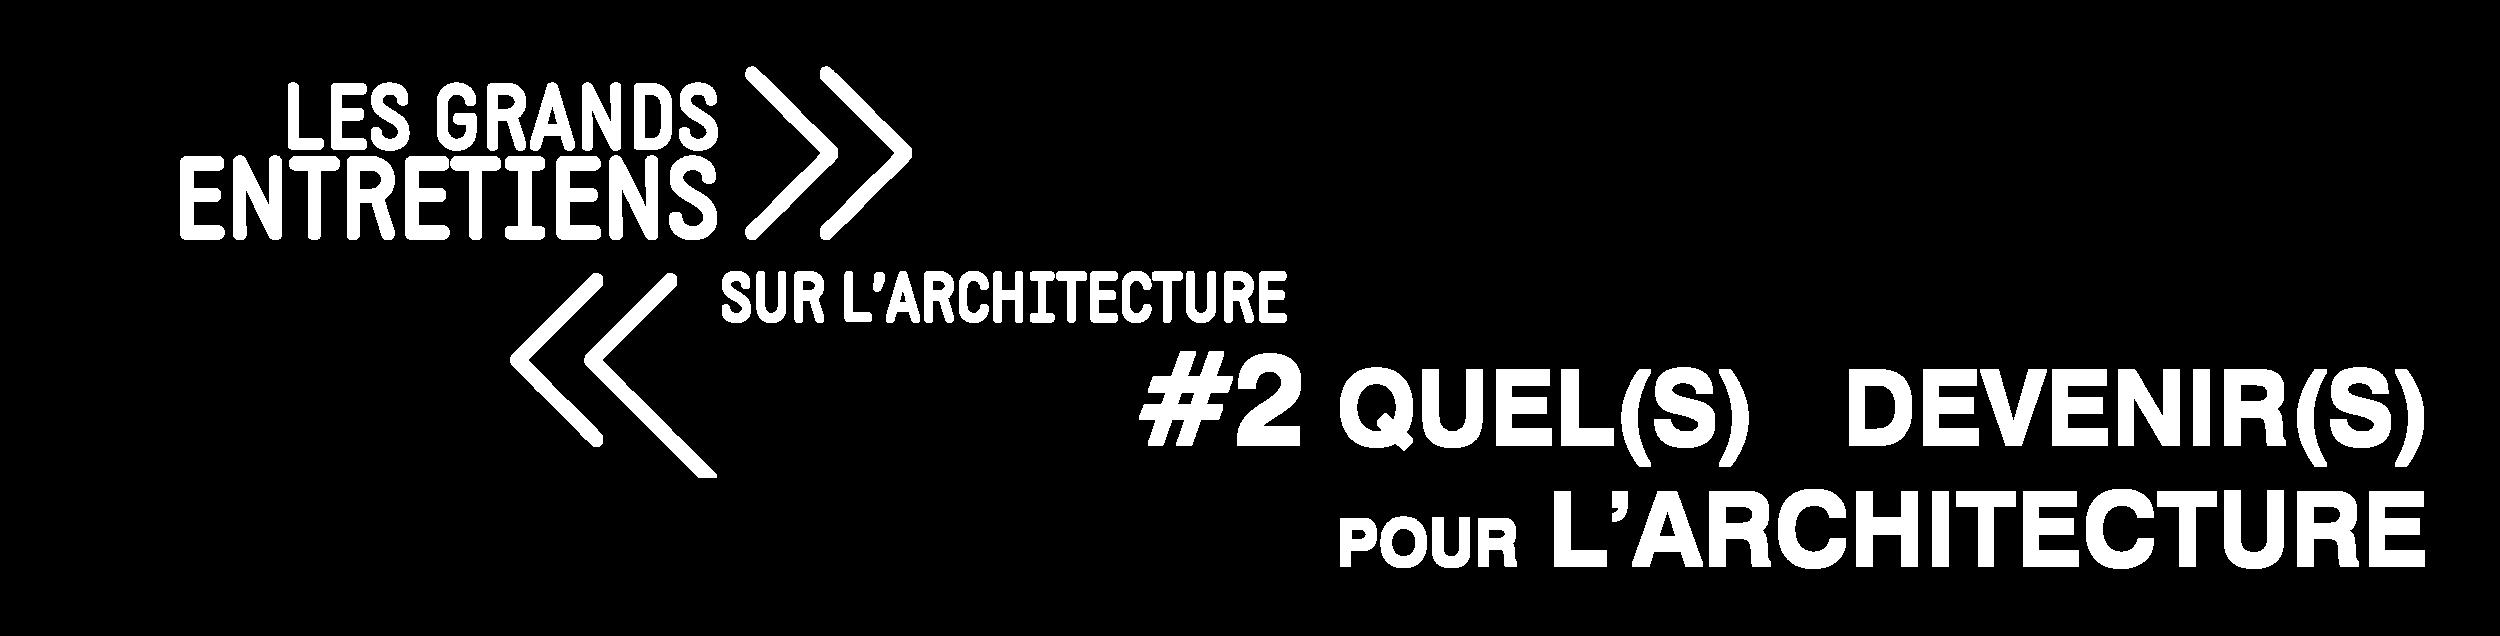 LES GRANDS ENTRETIENS SUR L'ARCHITECTURE #2_LOGO.png